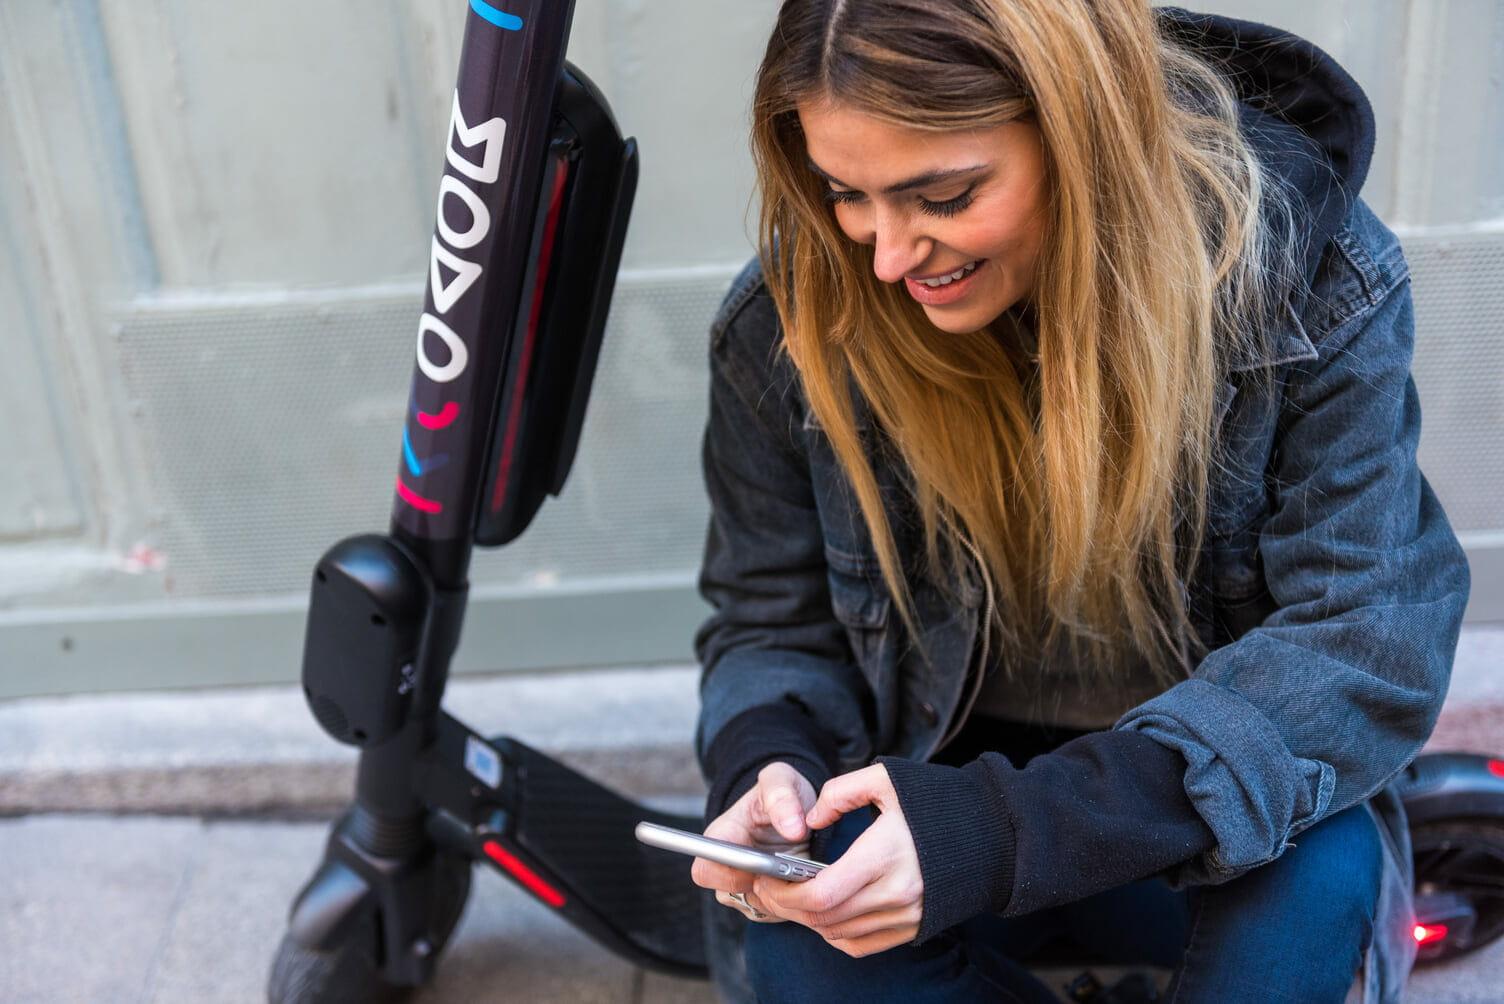 Una joven apunto de usar el servicio de patineta eléctrica en Bogotá